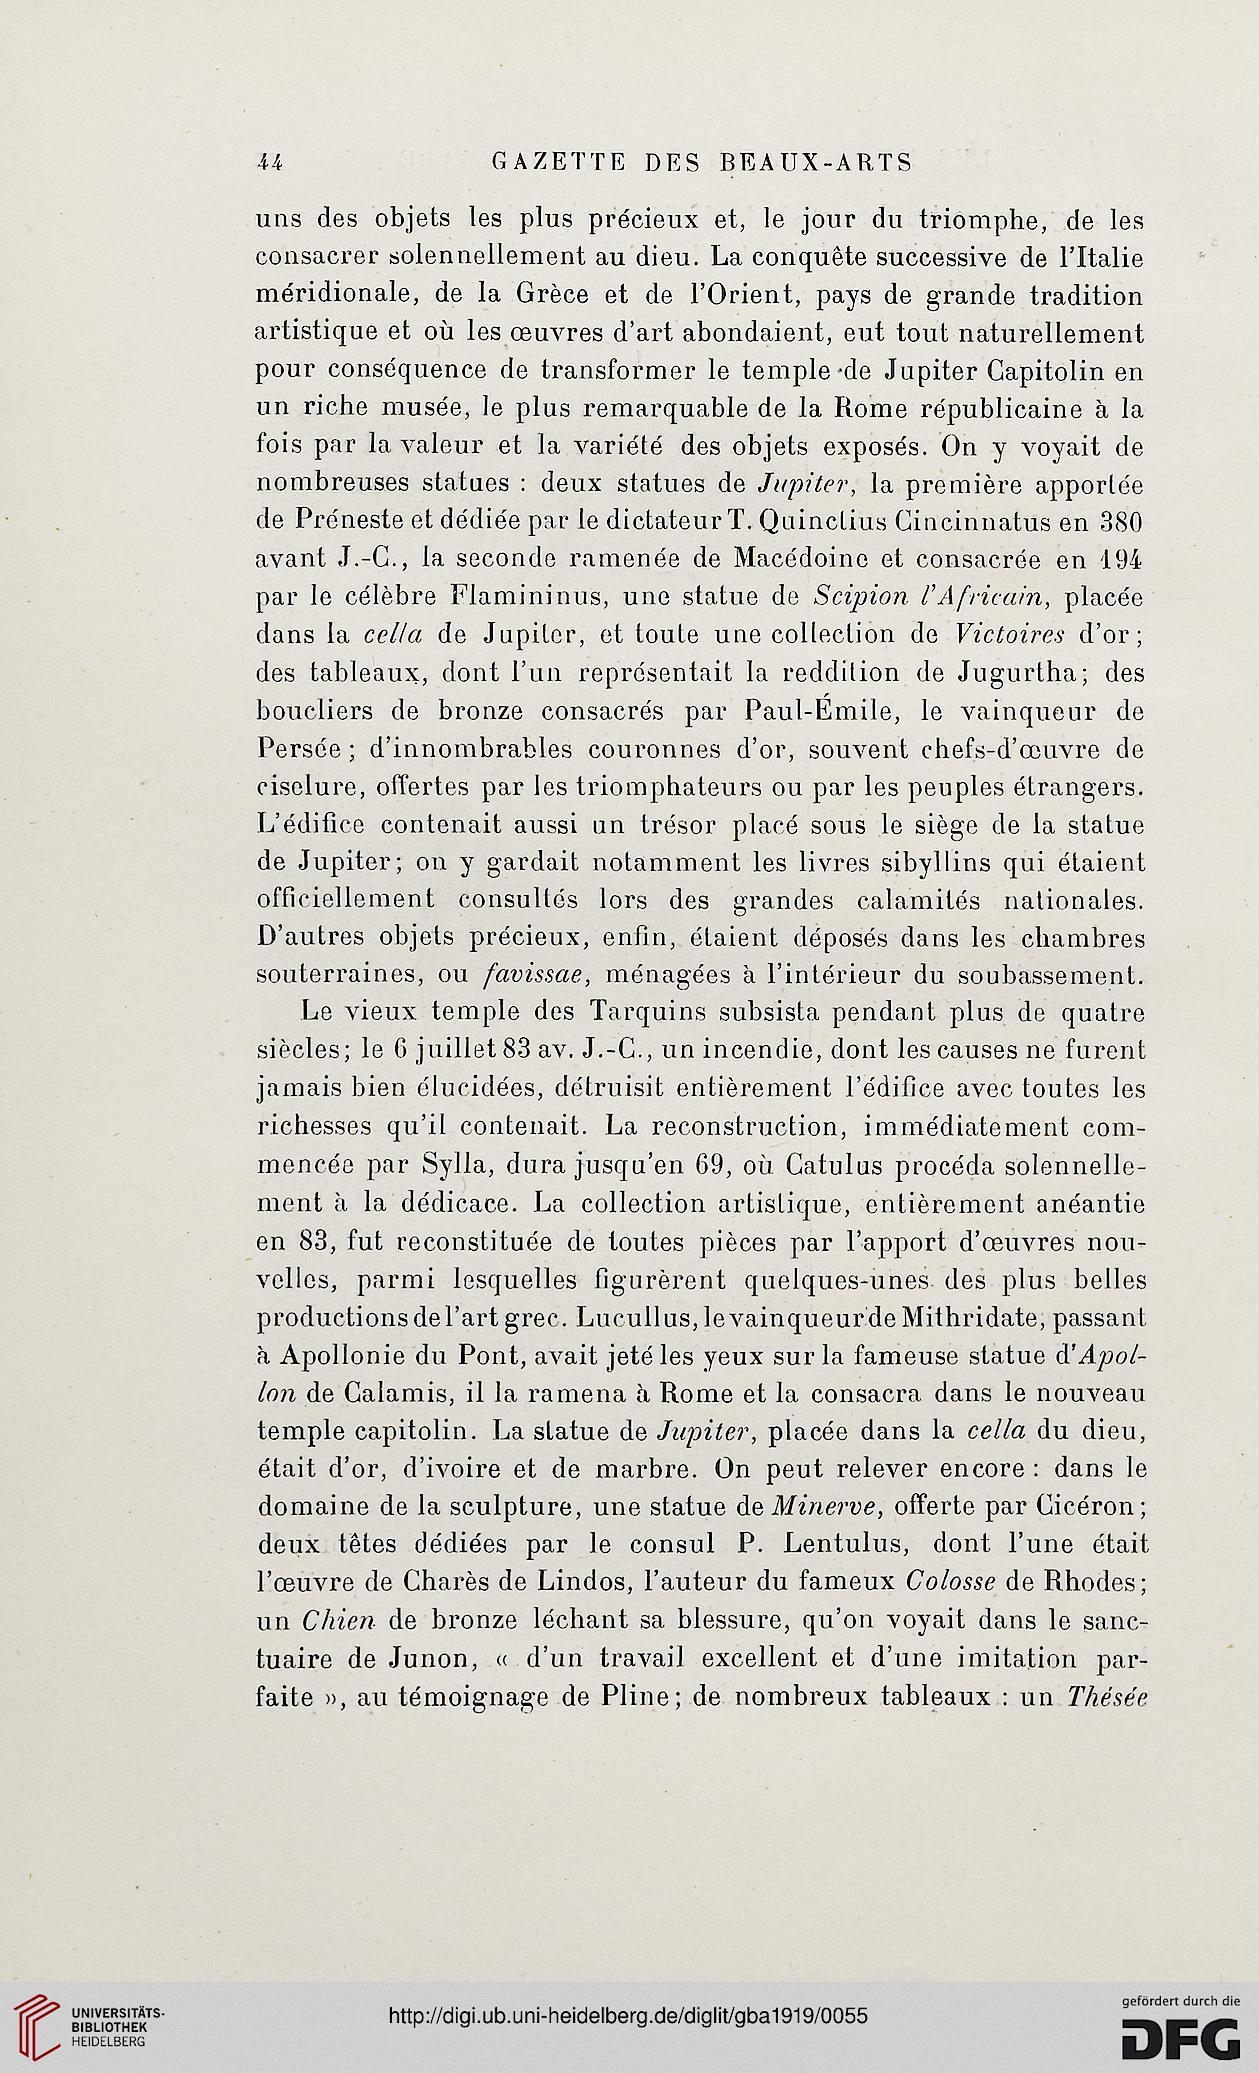 D'art4Pér15 1919 Gazette Revues Beaux Doyenne Des ArtsLa deCBxo